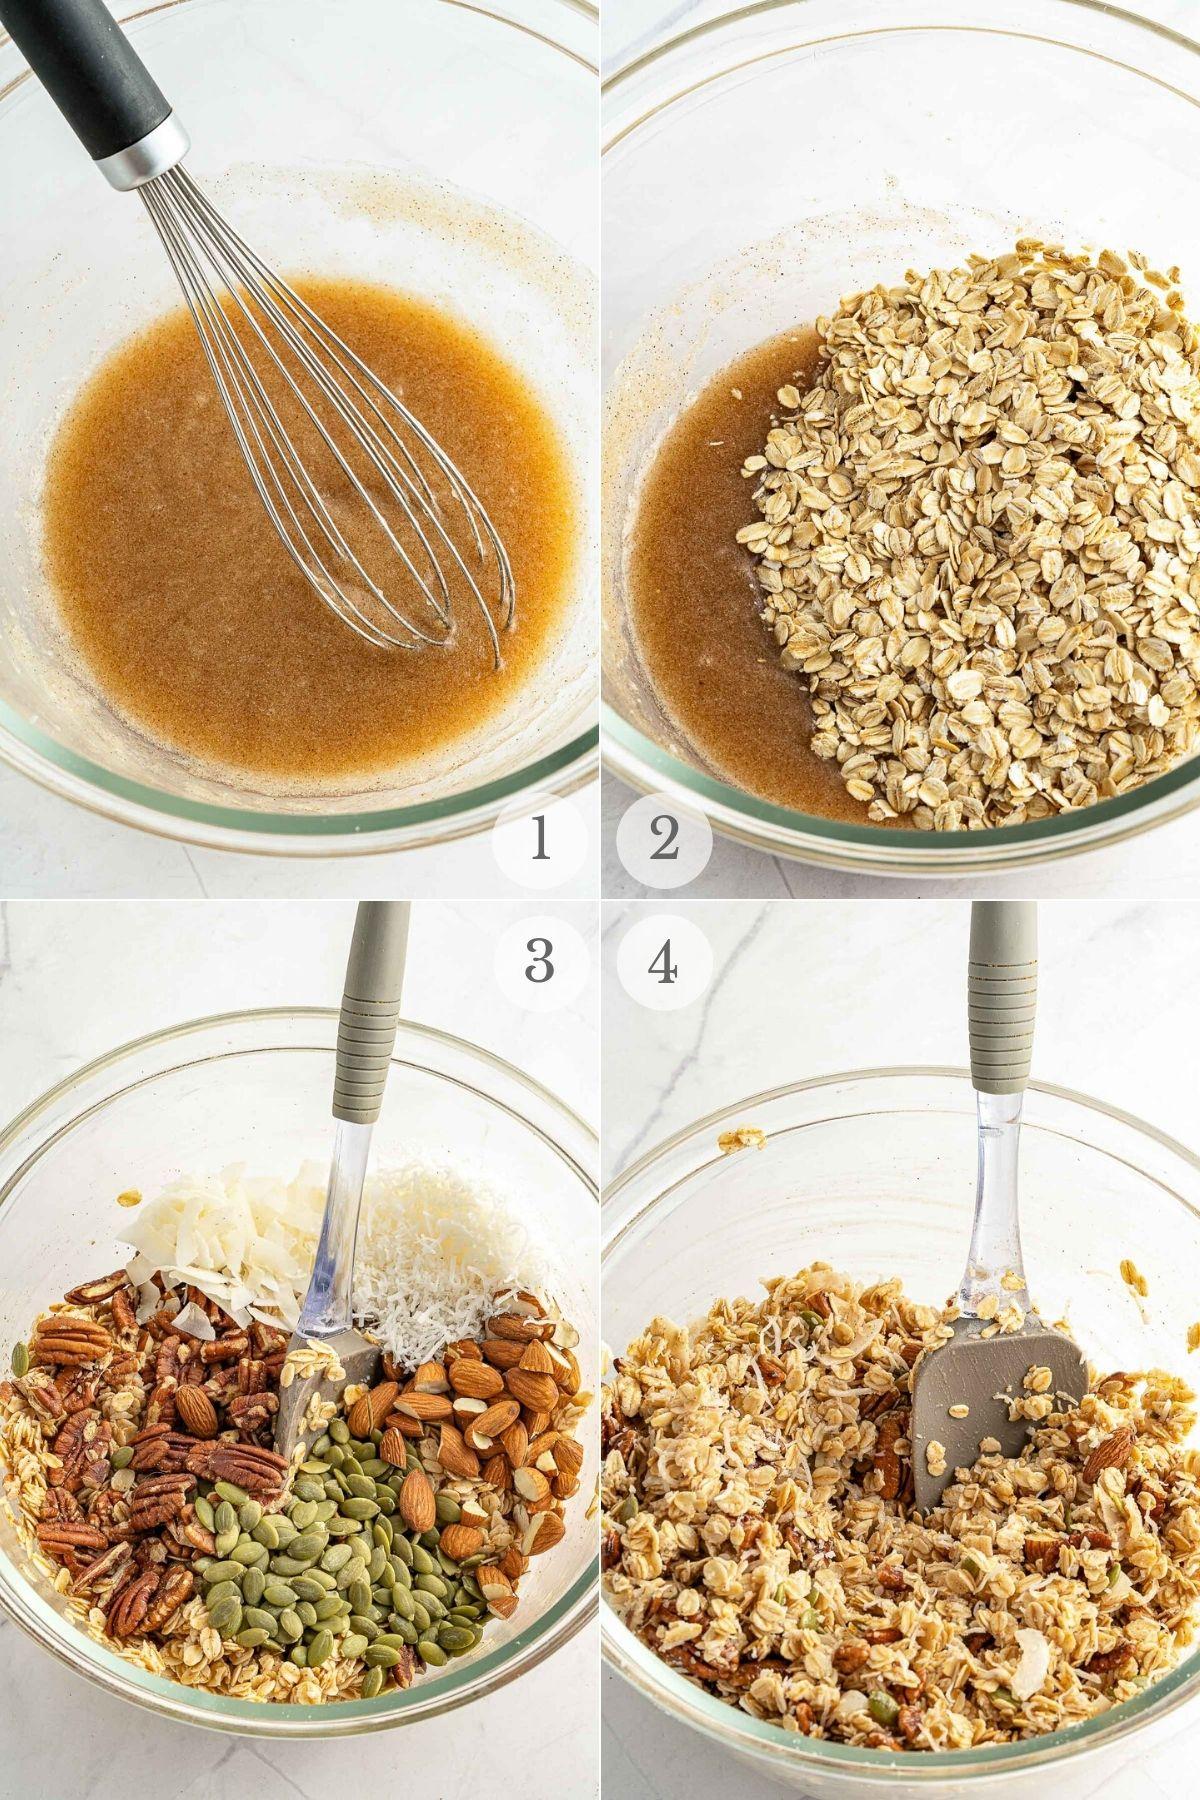 homemade granola recipes steps 1-4